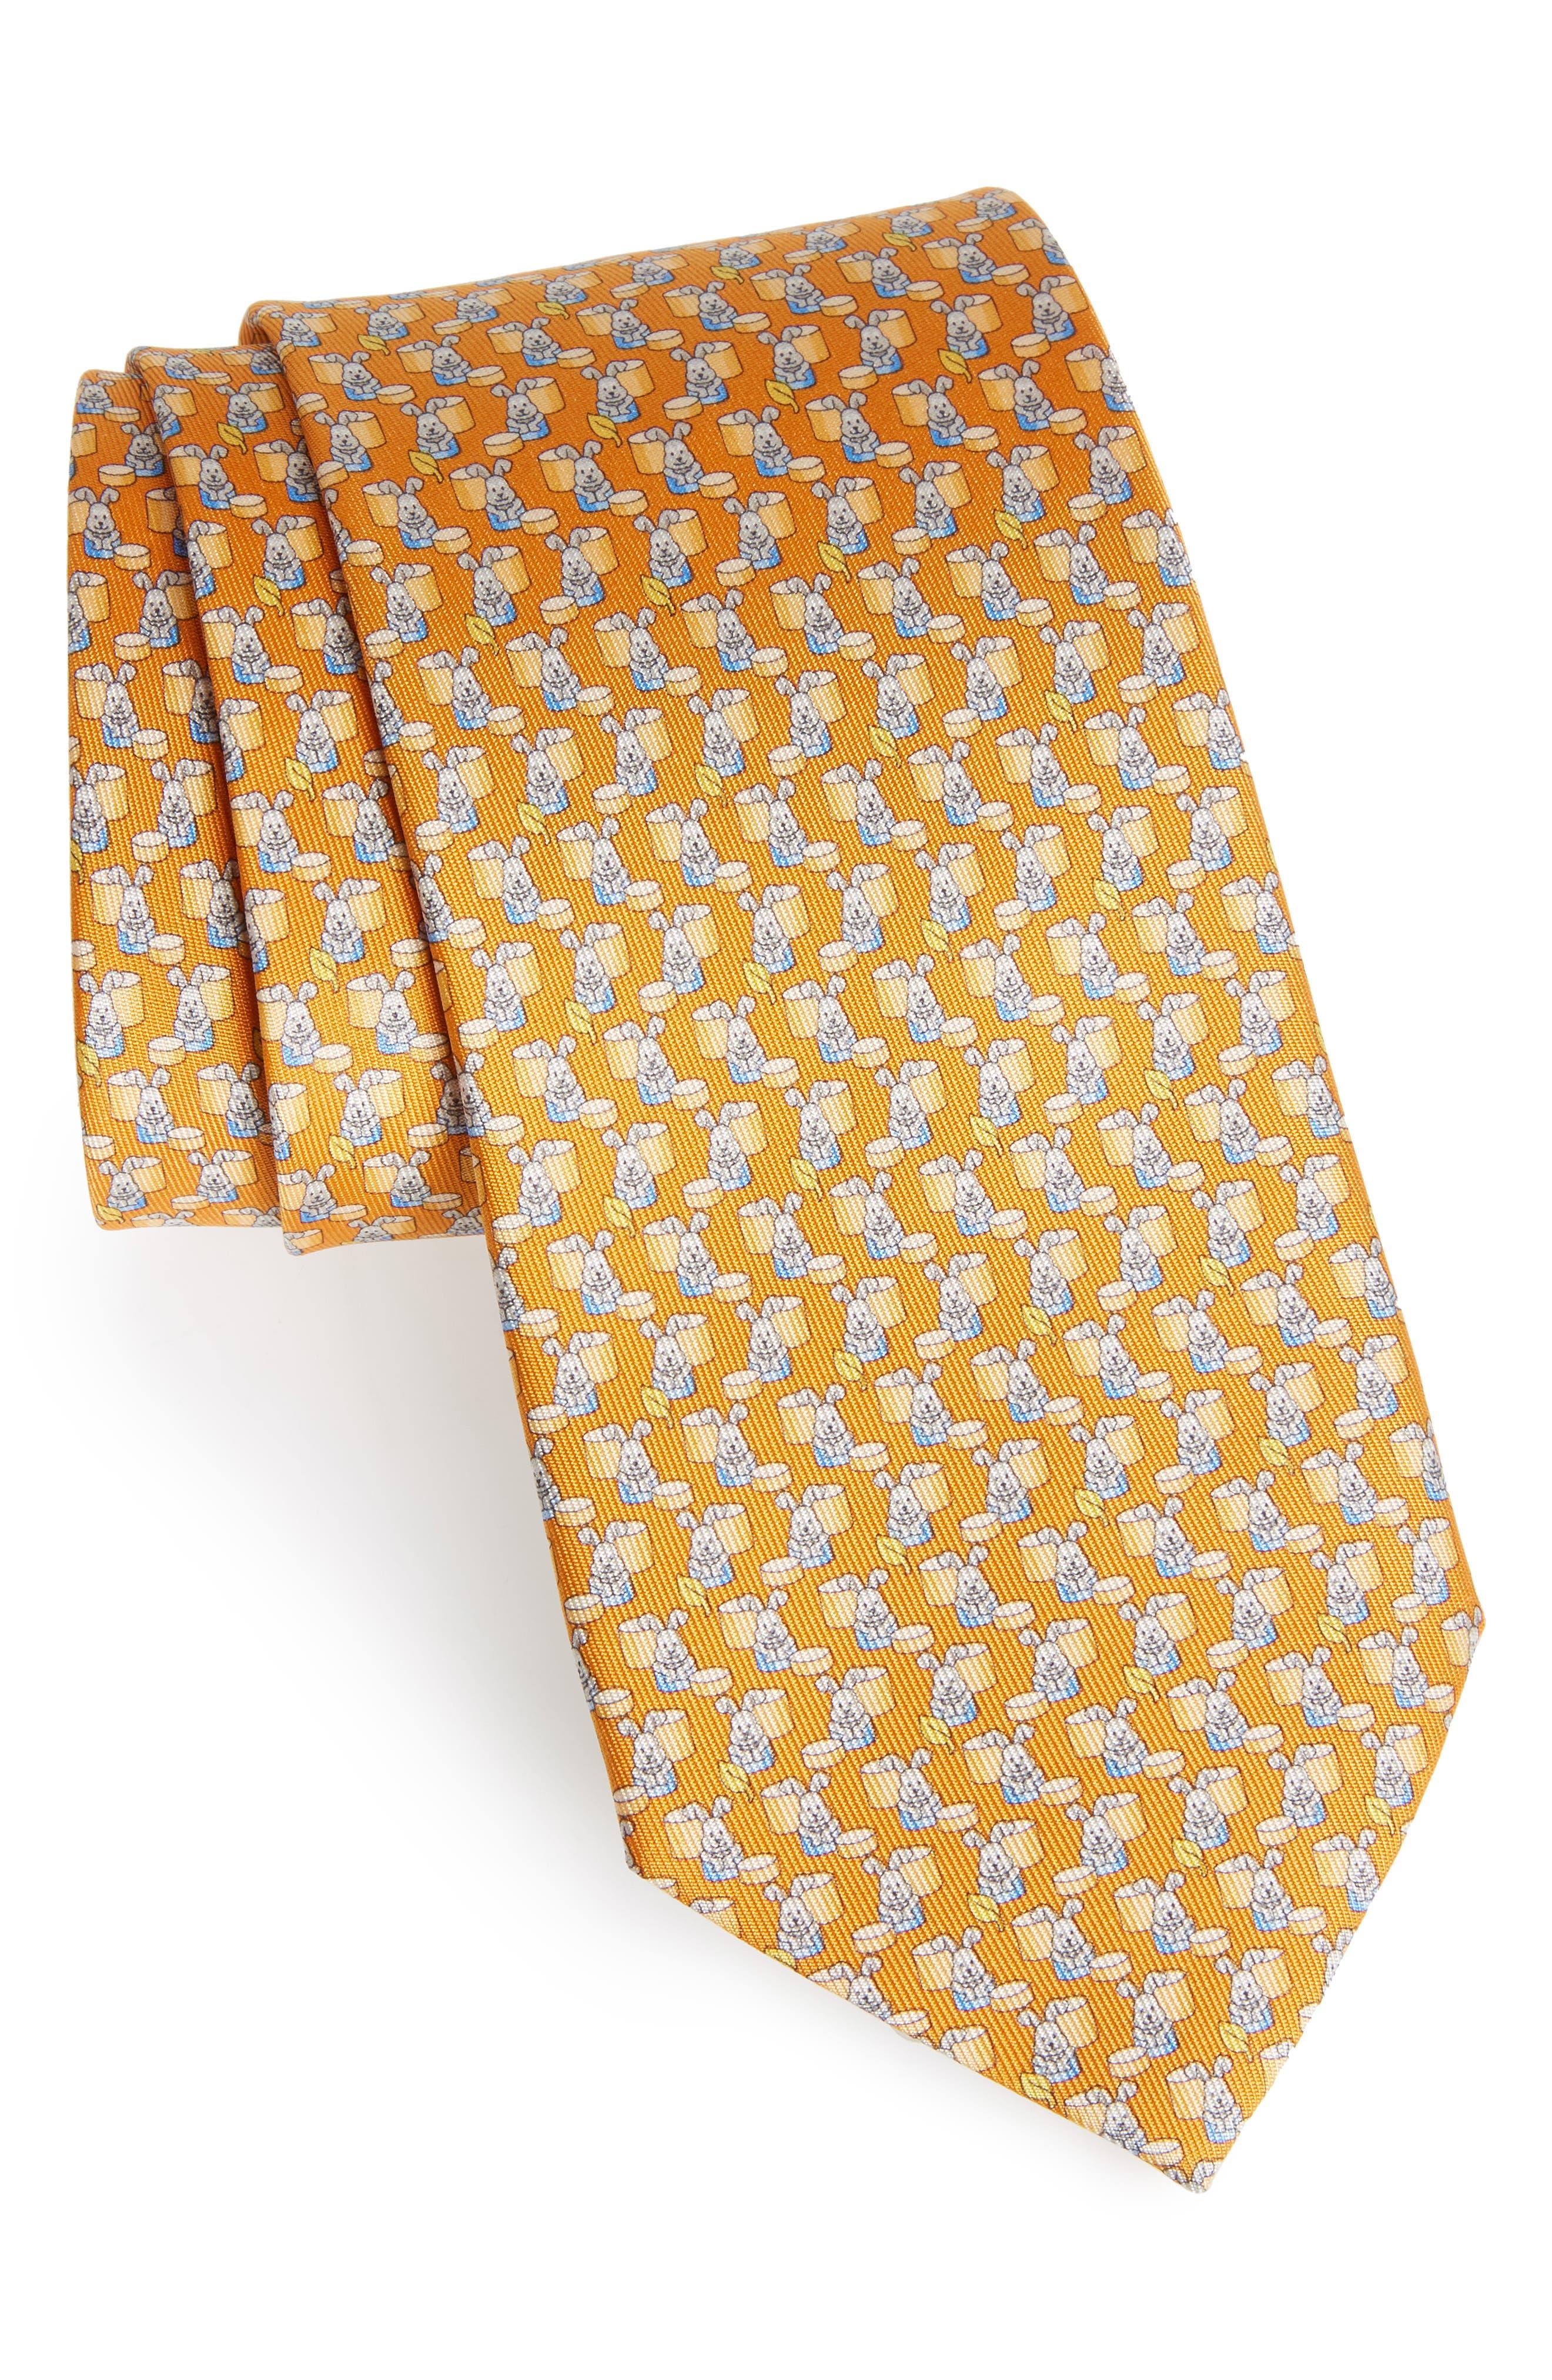 Bunny Print Silk Tie,                         Main,                         color, Orange